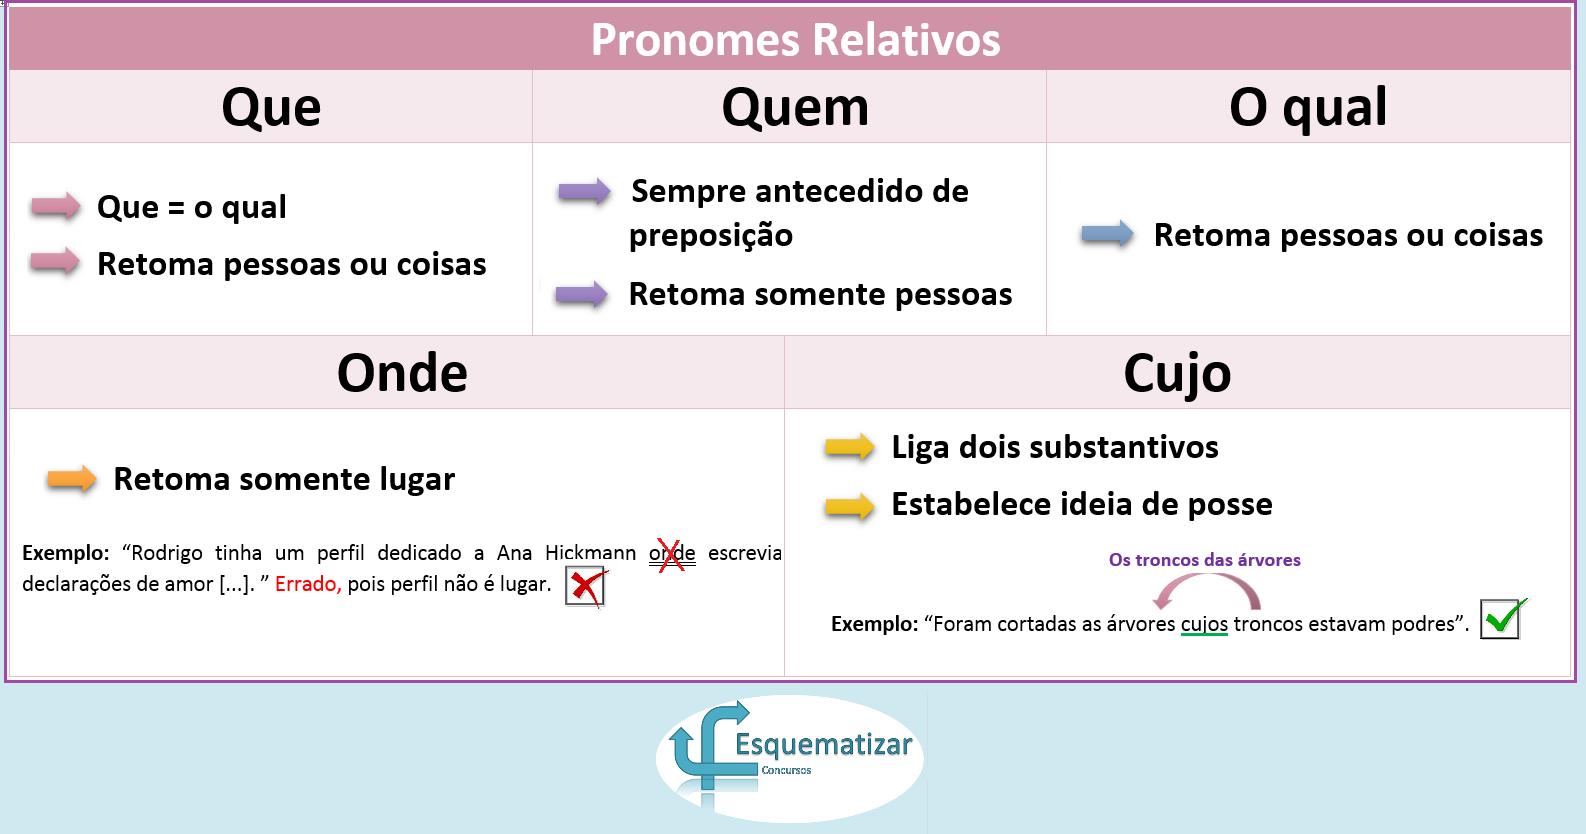 Pronomes